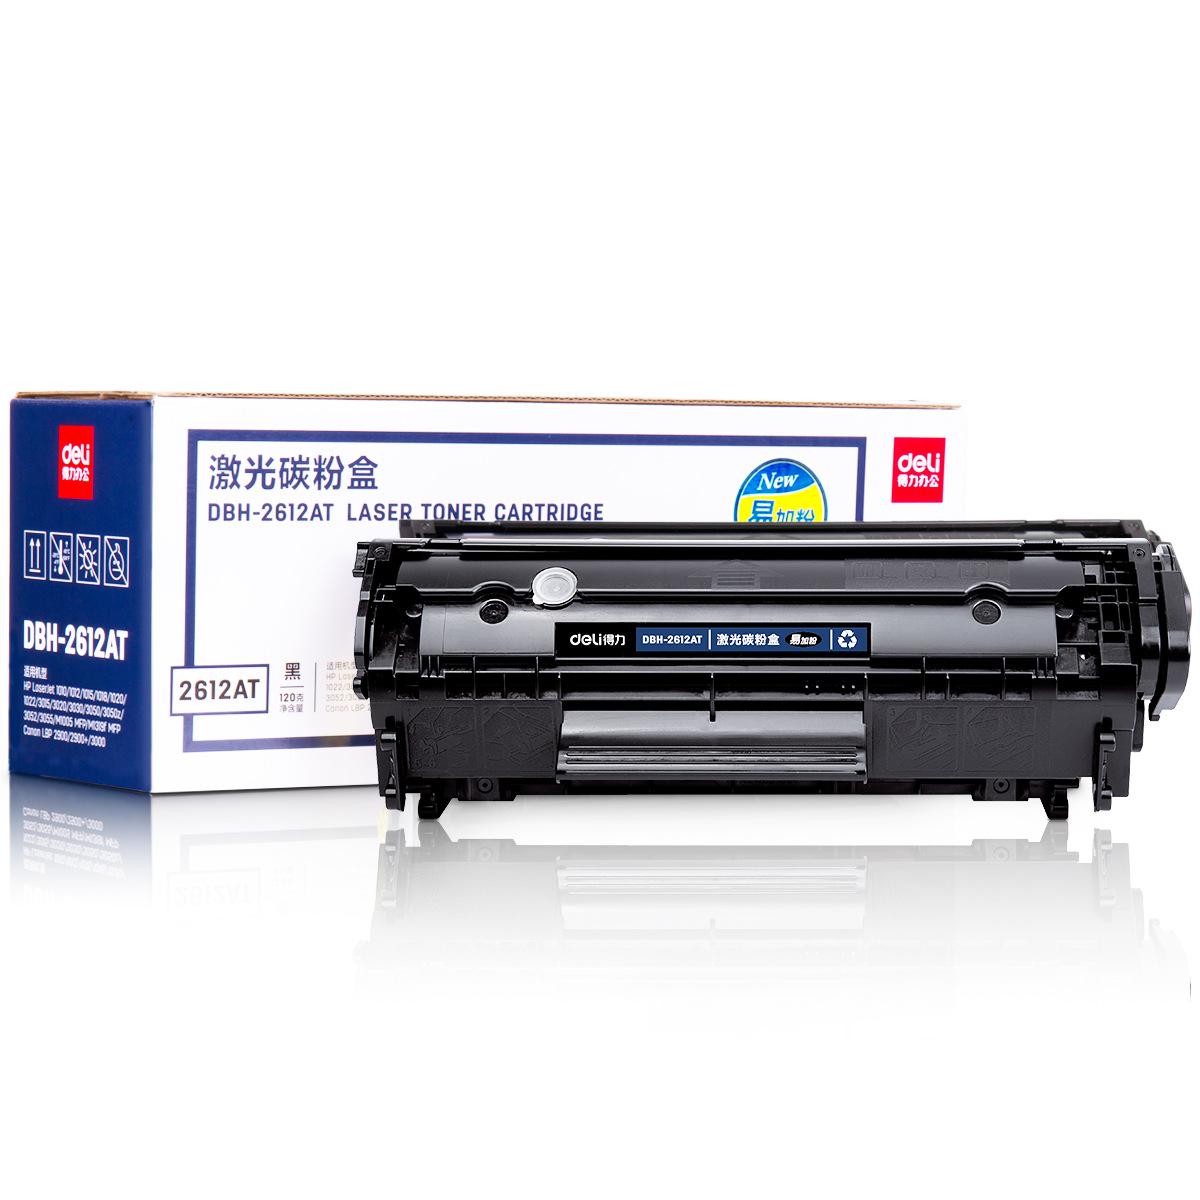 DELI Hộp mực than Hộp mực Laser văn phòng mạnh mẽ DBH-2612AT Máy in Laser Hộp mực HP1020 HP1005 HP10